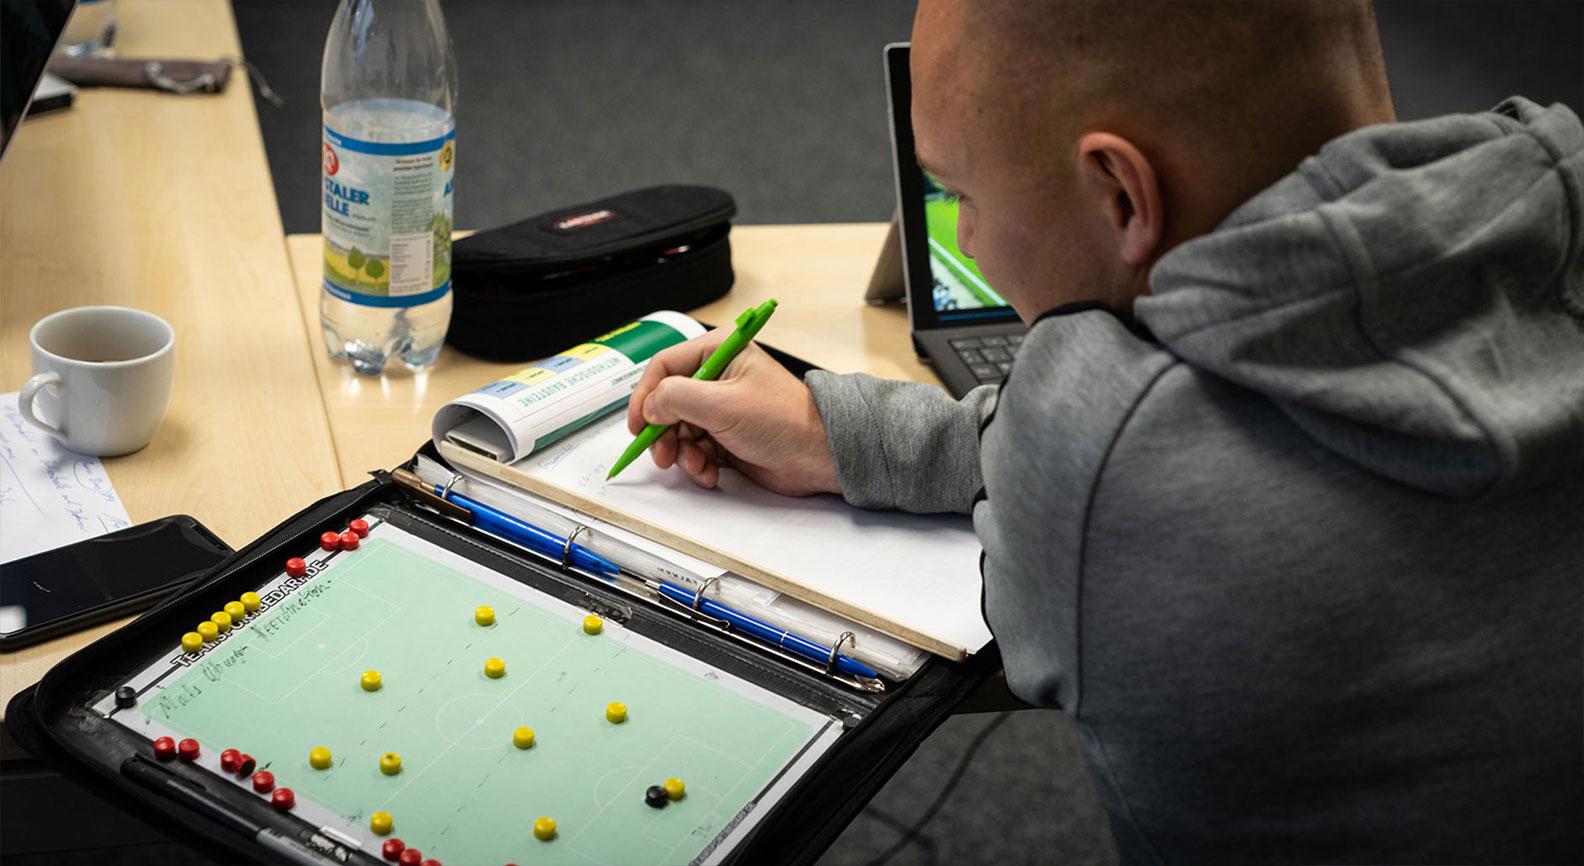 Mann analysiert Fussballspiel